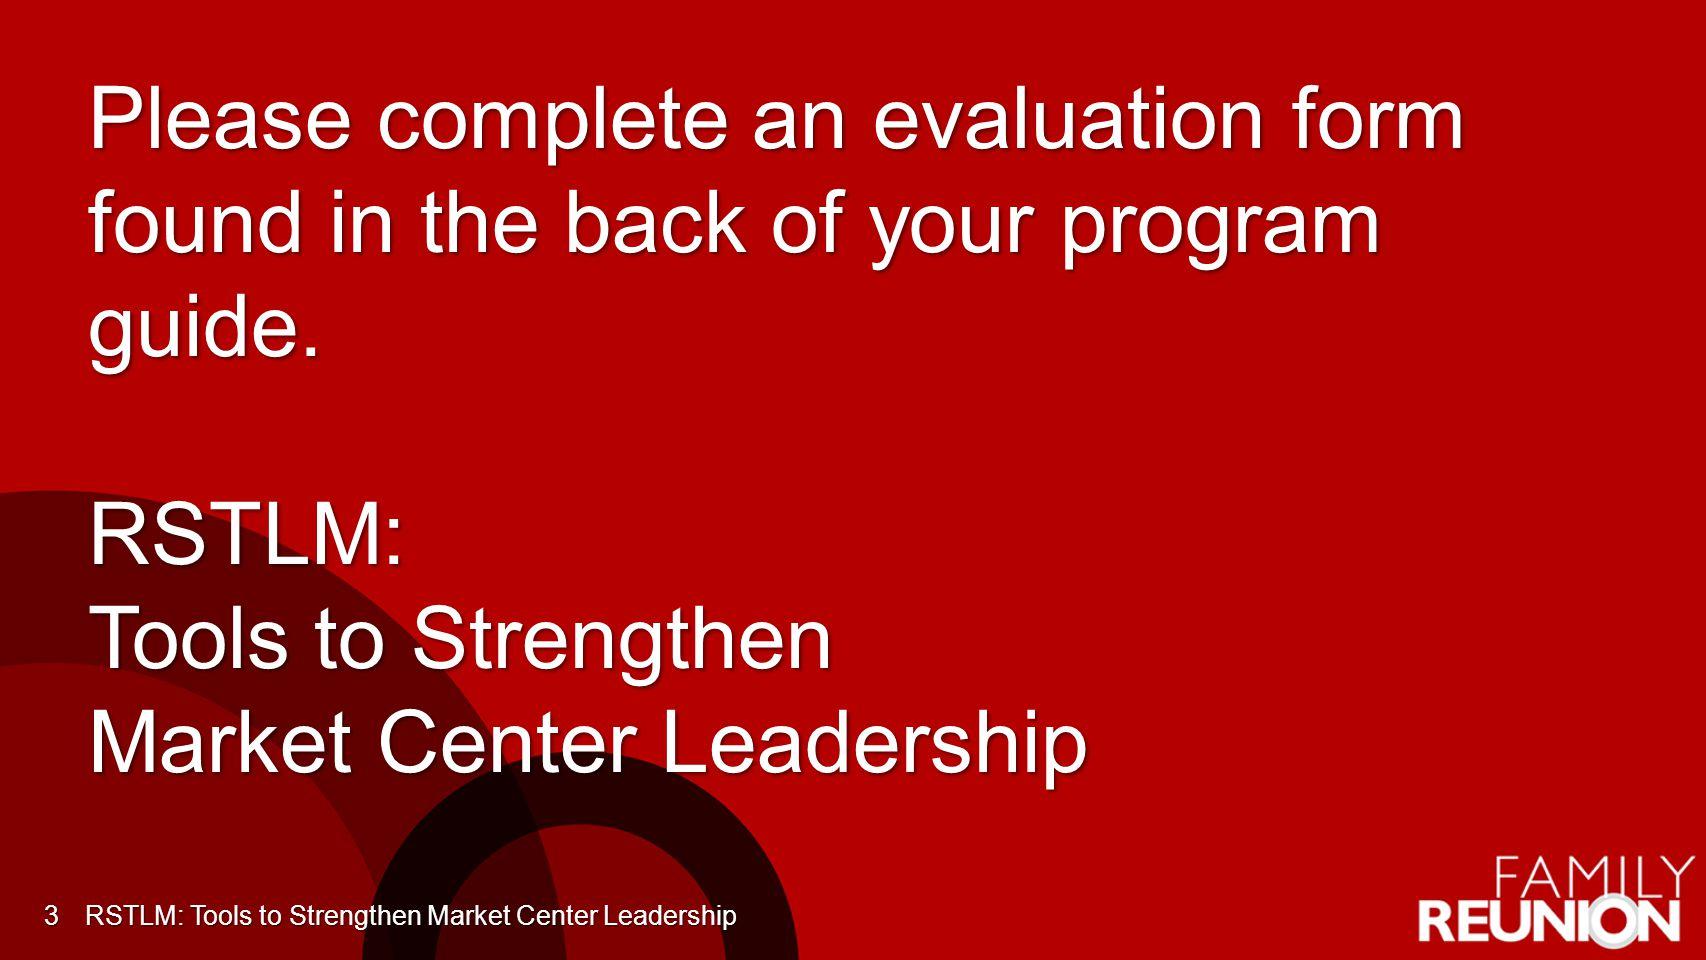 RSTLM: Tools to Strengthen Market Center Leadership